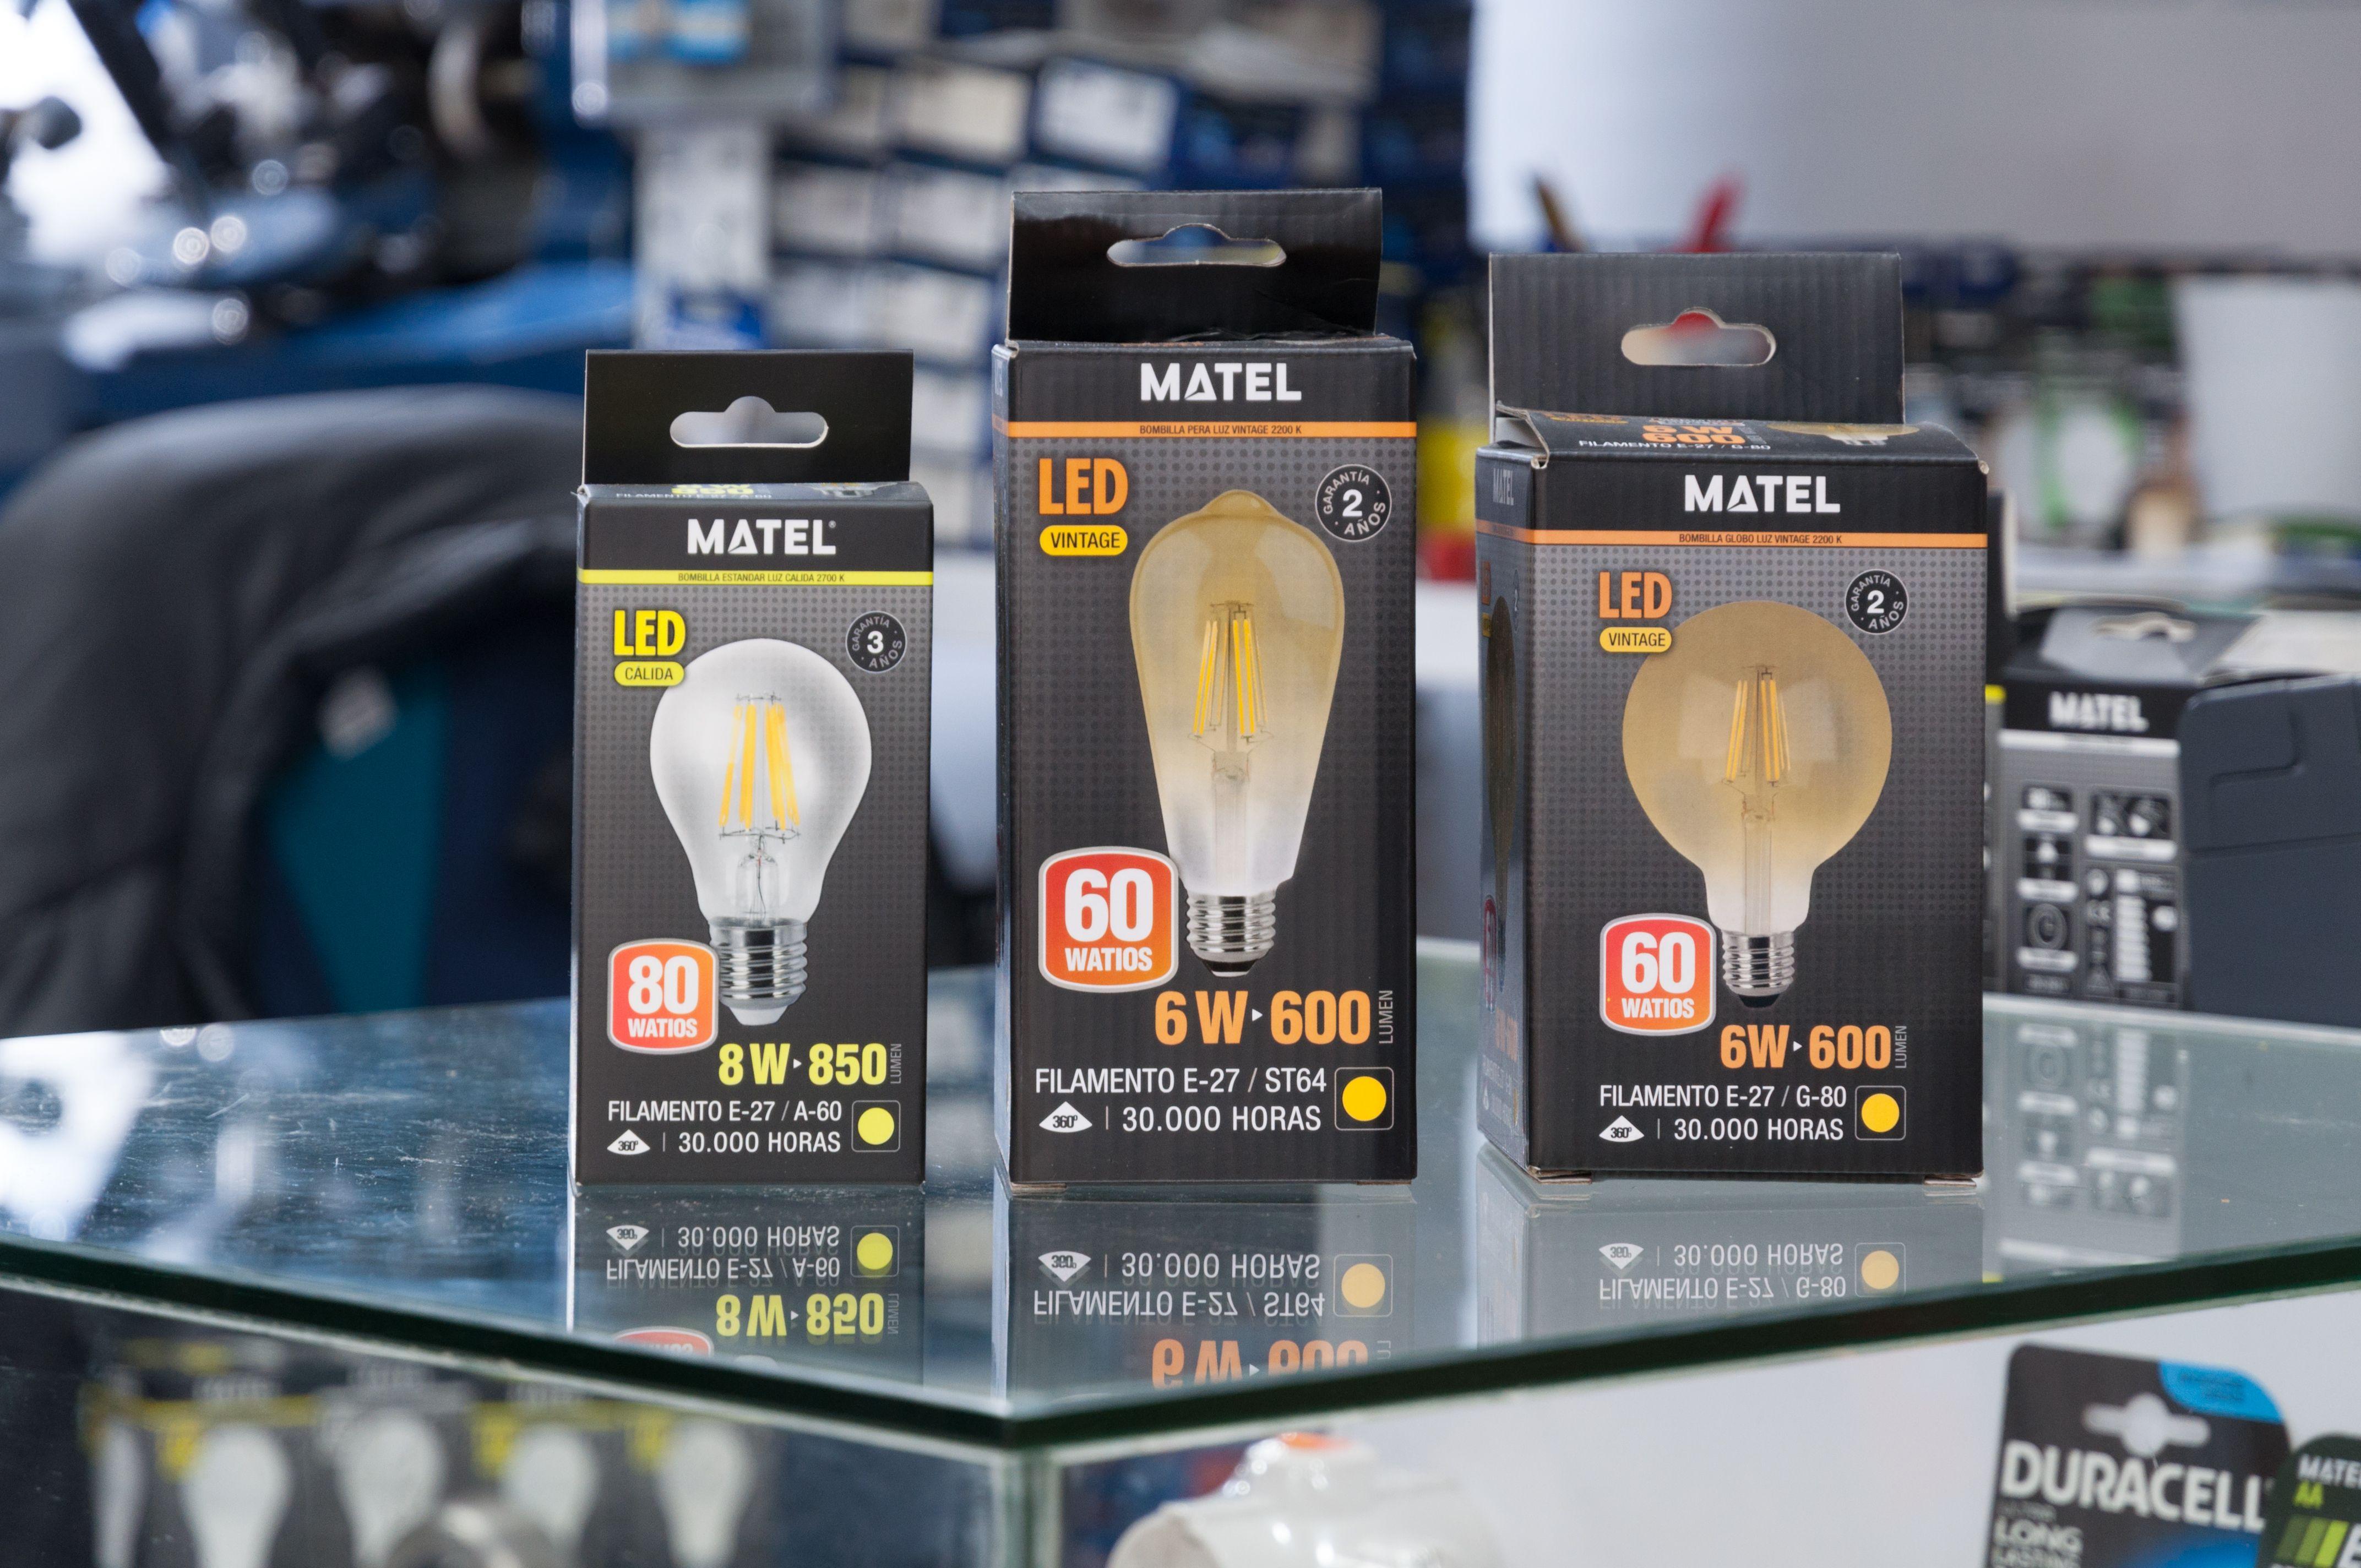 Nos dedicamos a la venta y distribución de material eléctrico en Sevilla